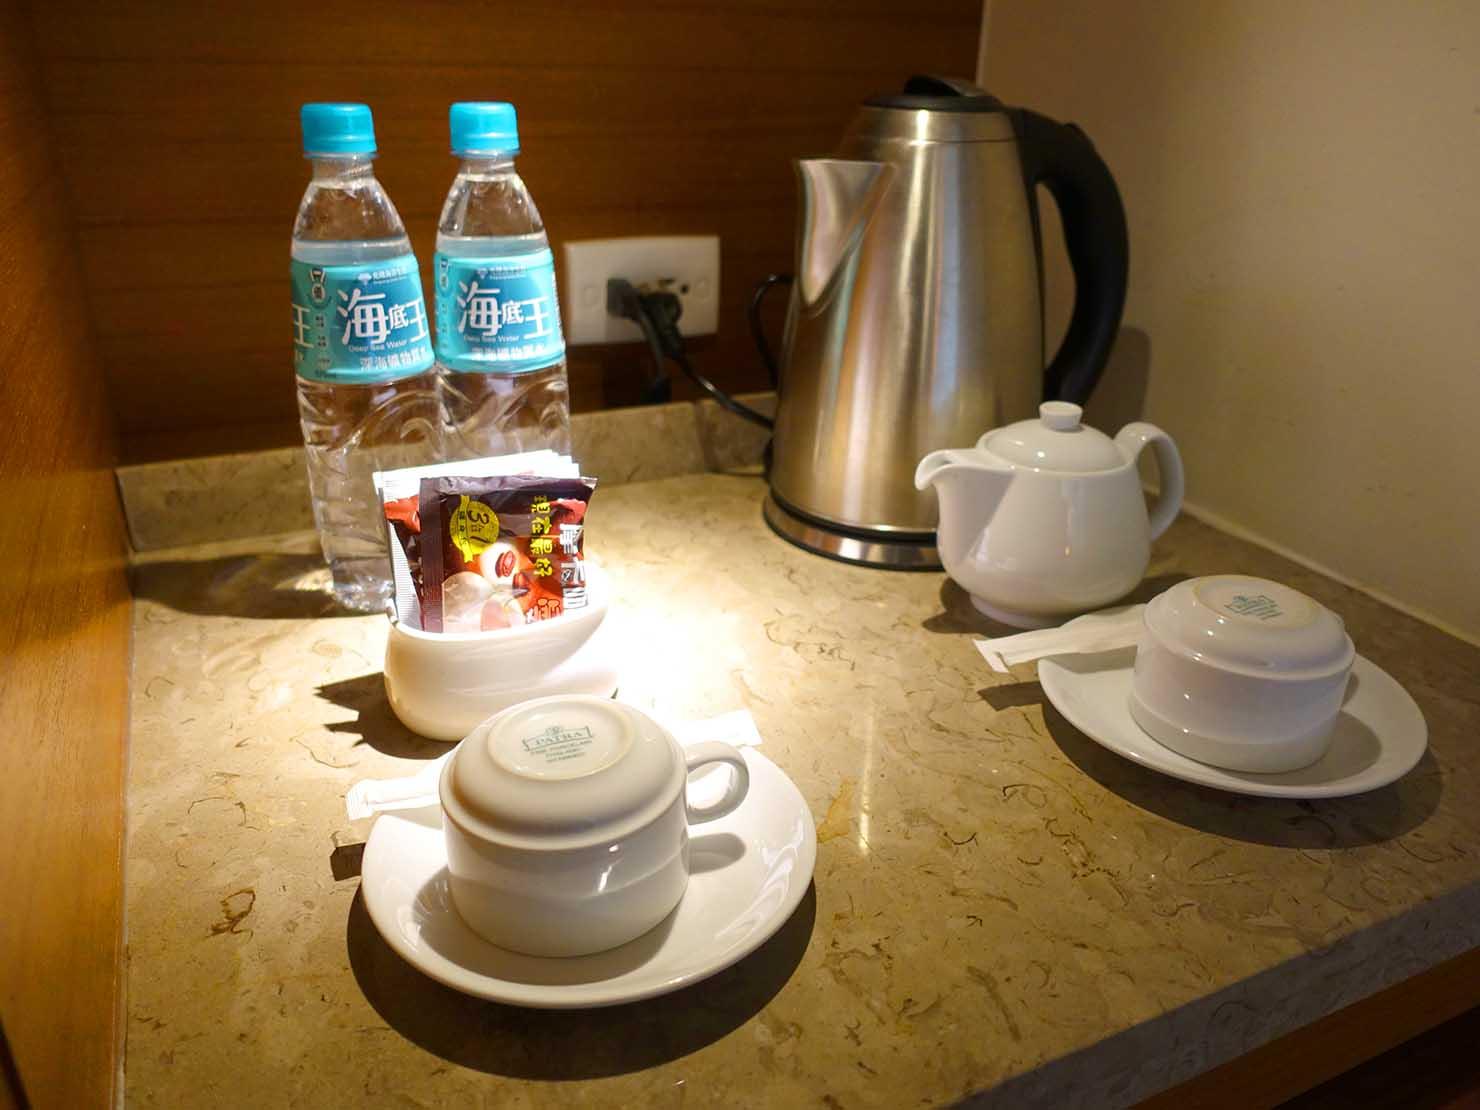 花蓮市街中心部にあるホテル「馥麗生活旅店 Quality Inn」スーペリアダブルに準備されたドリンク類